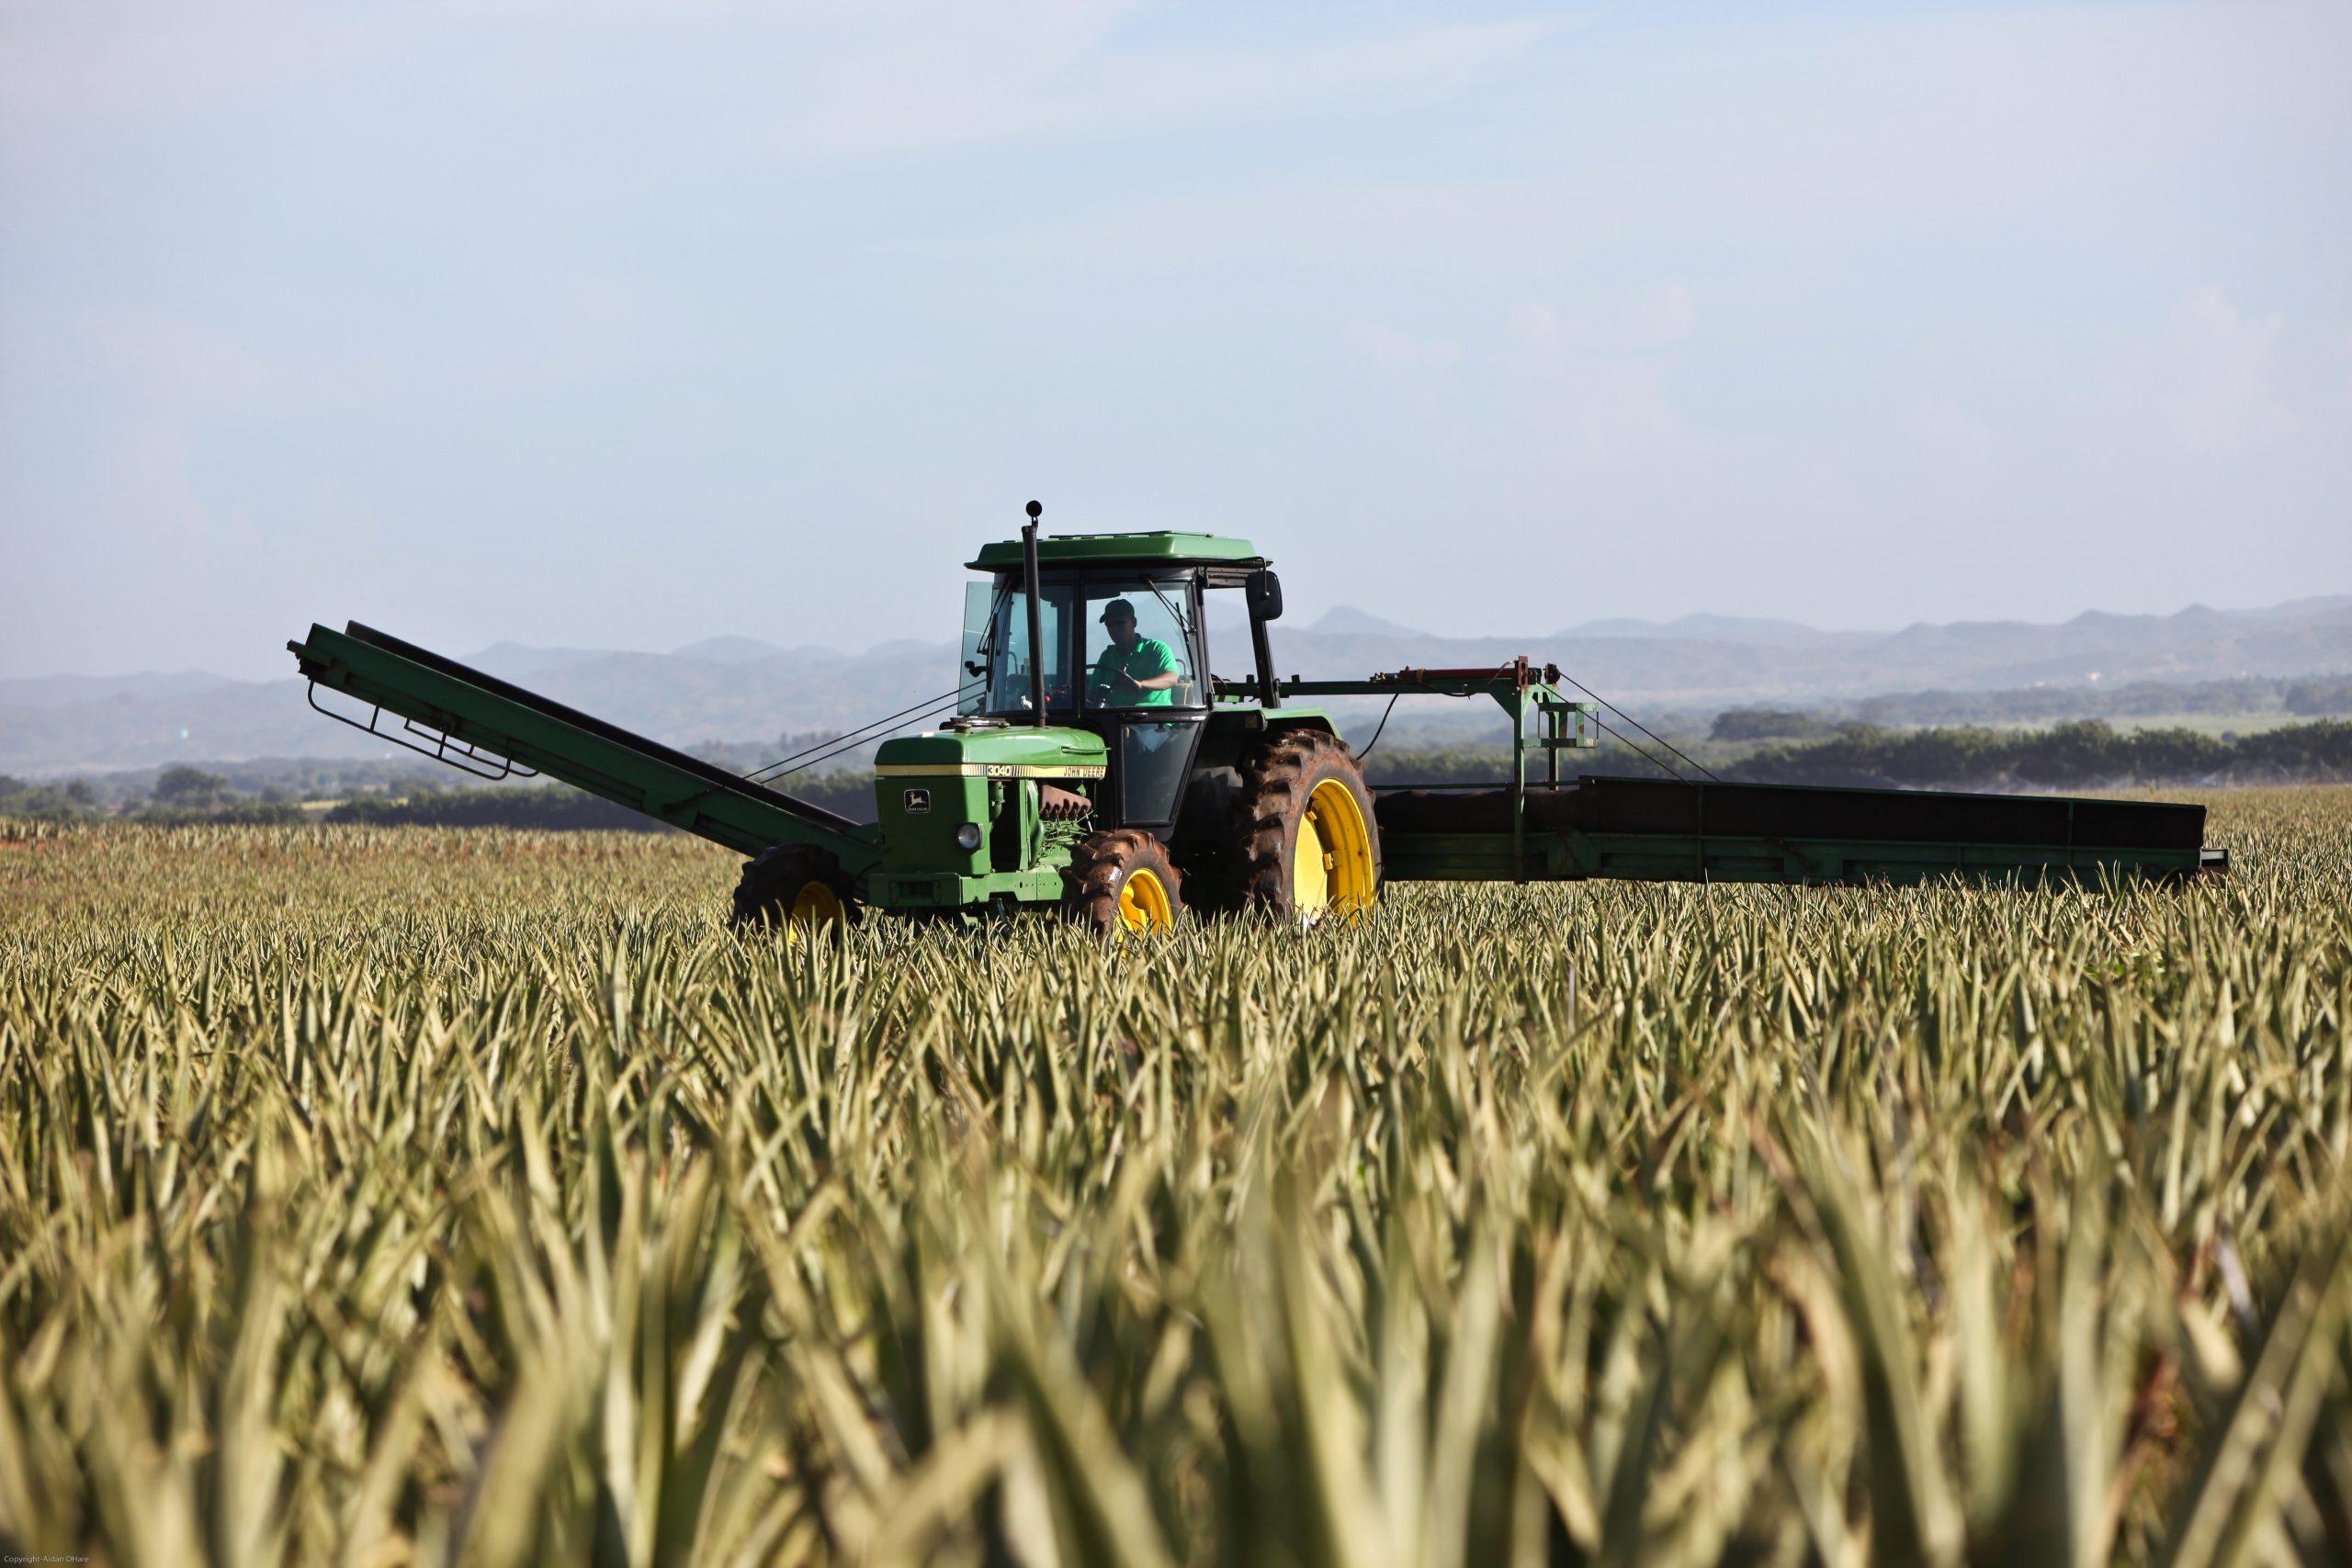 Jak przygotować ciągniki rolnicze oraz maszyny do sezonu?